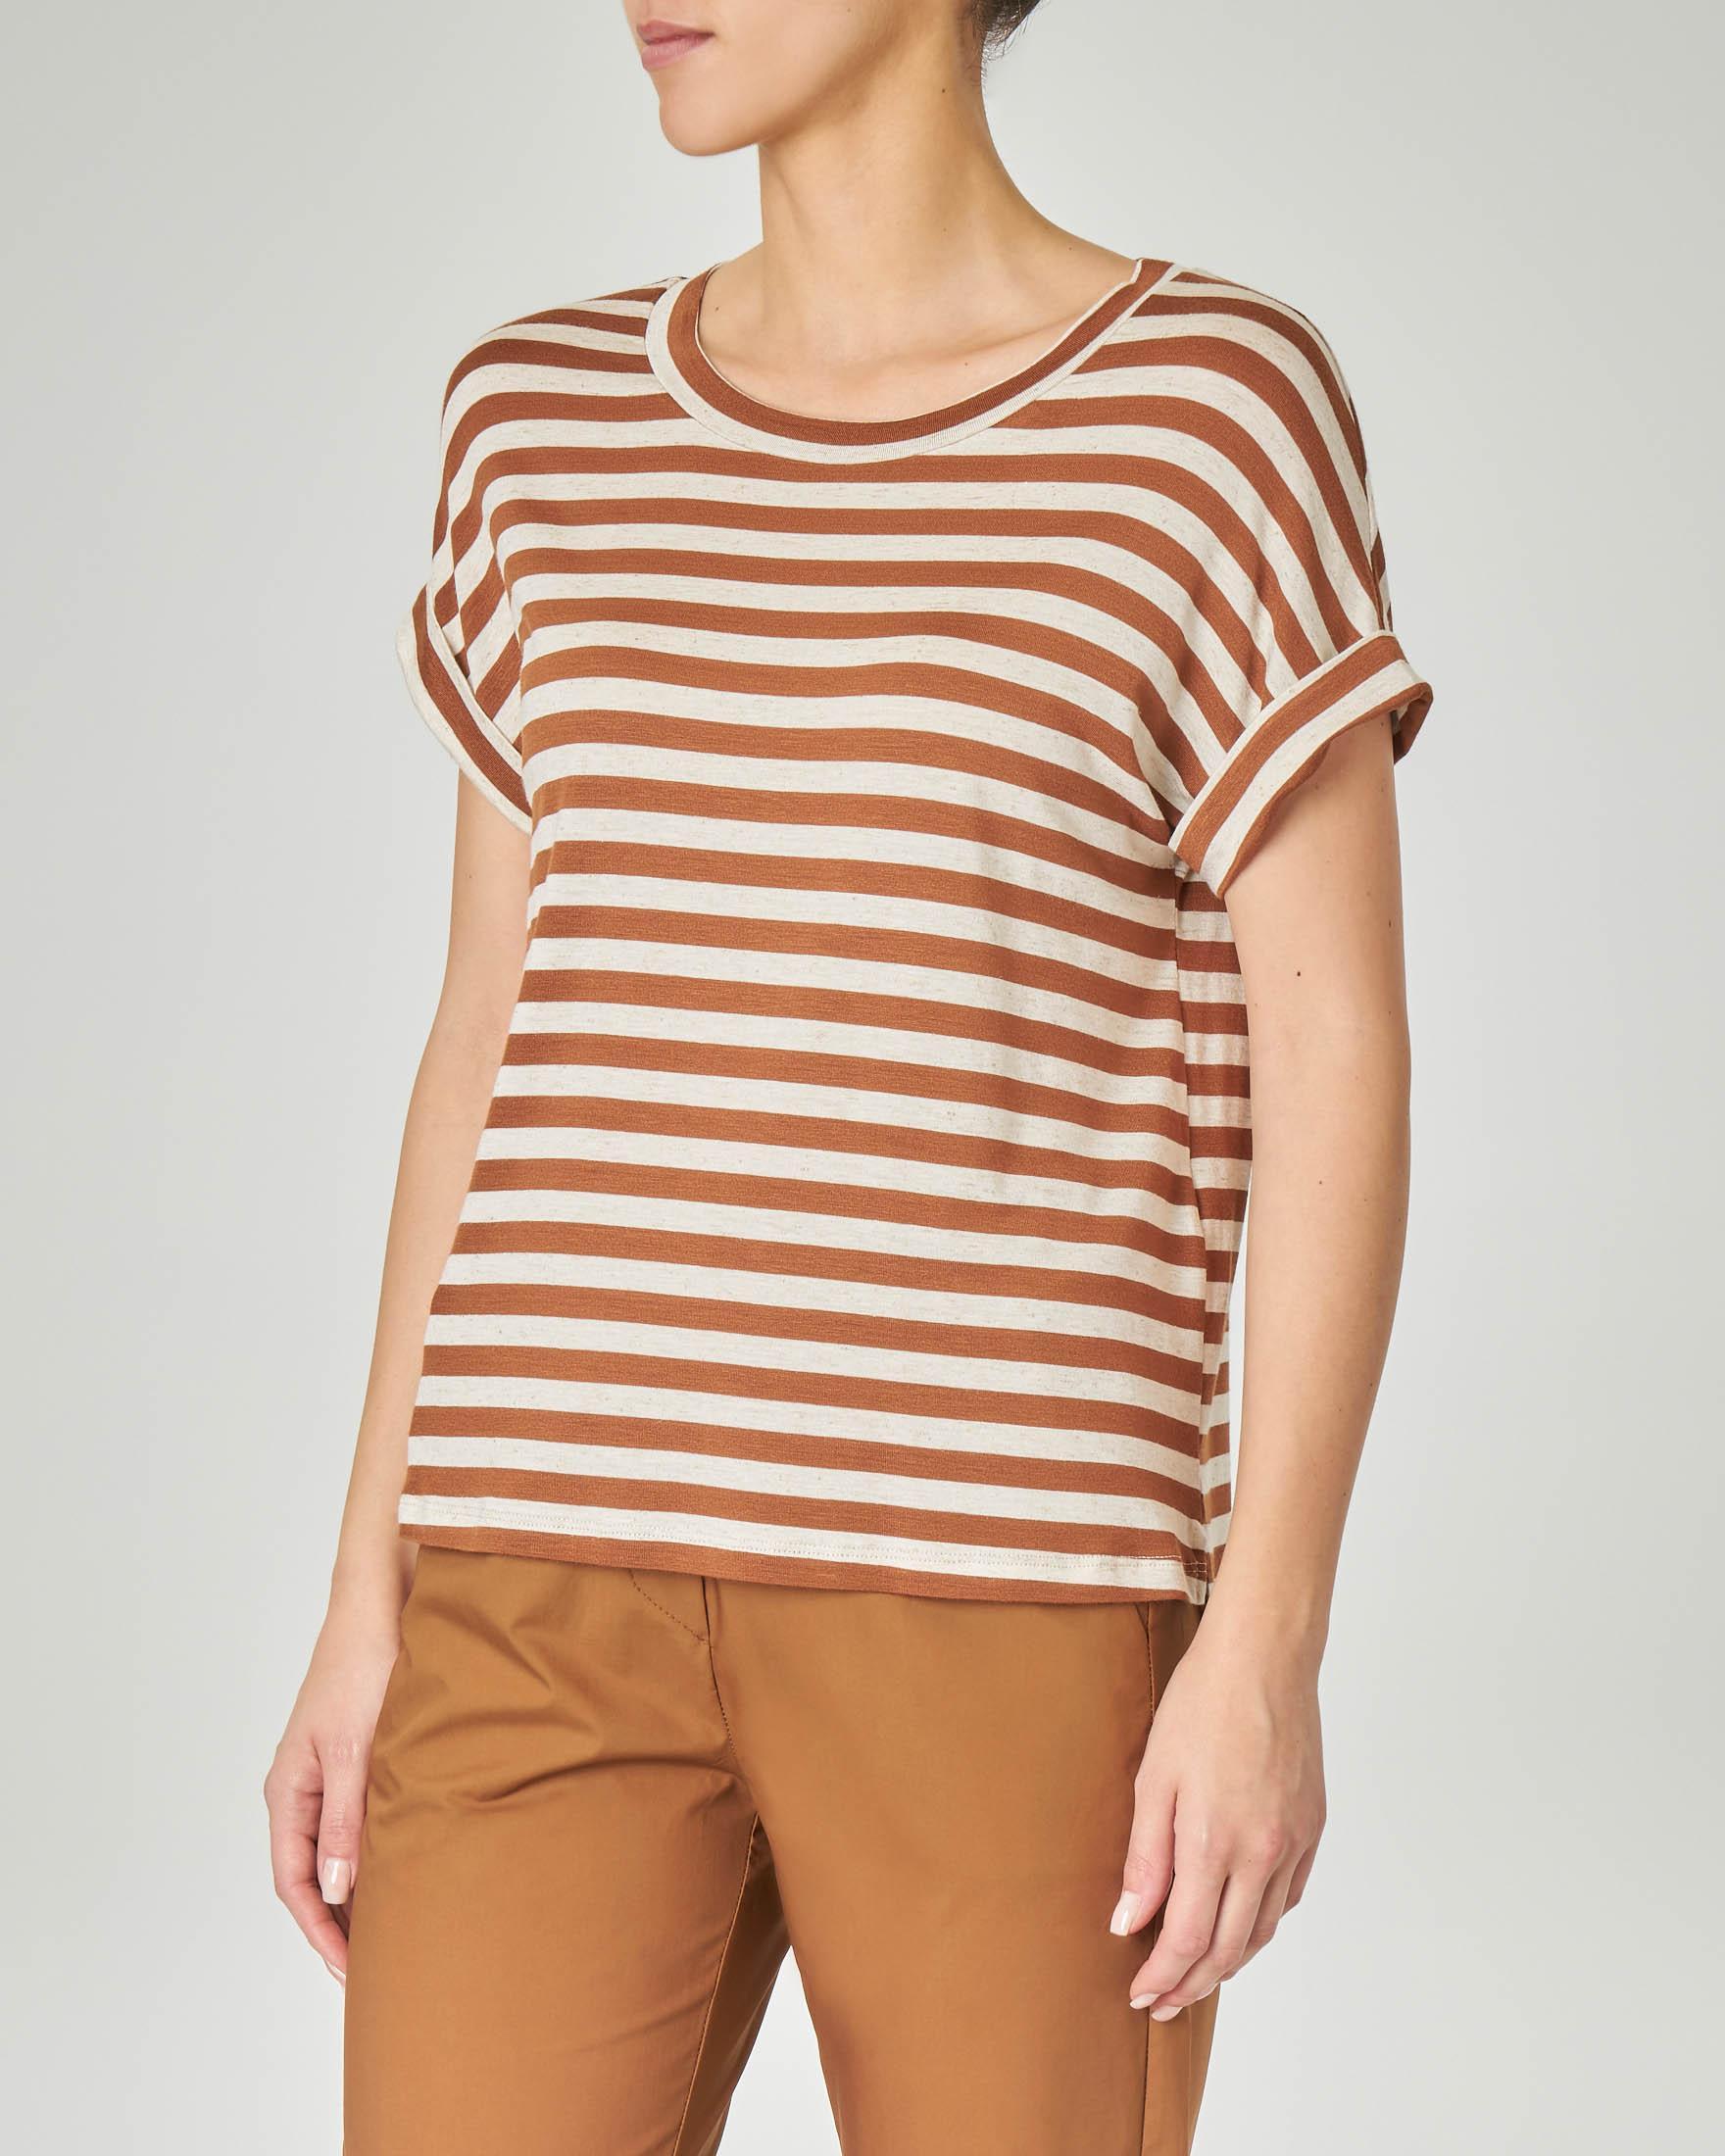 T-shirt a righe beige e tabacco in viscosa misto lino con risvolto sulle maniche corte